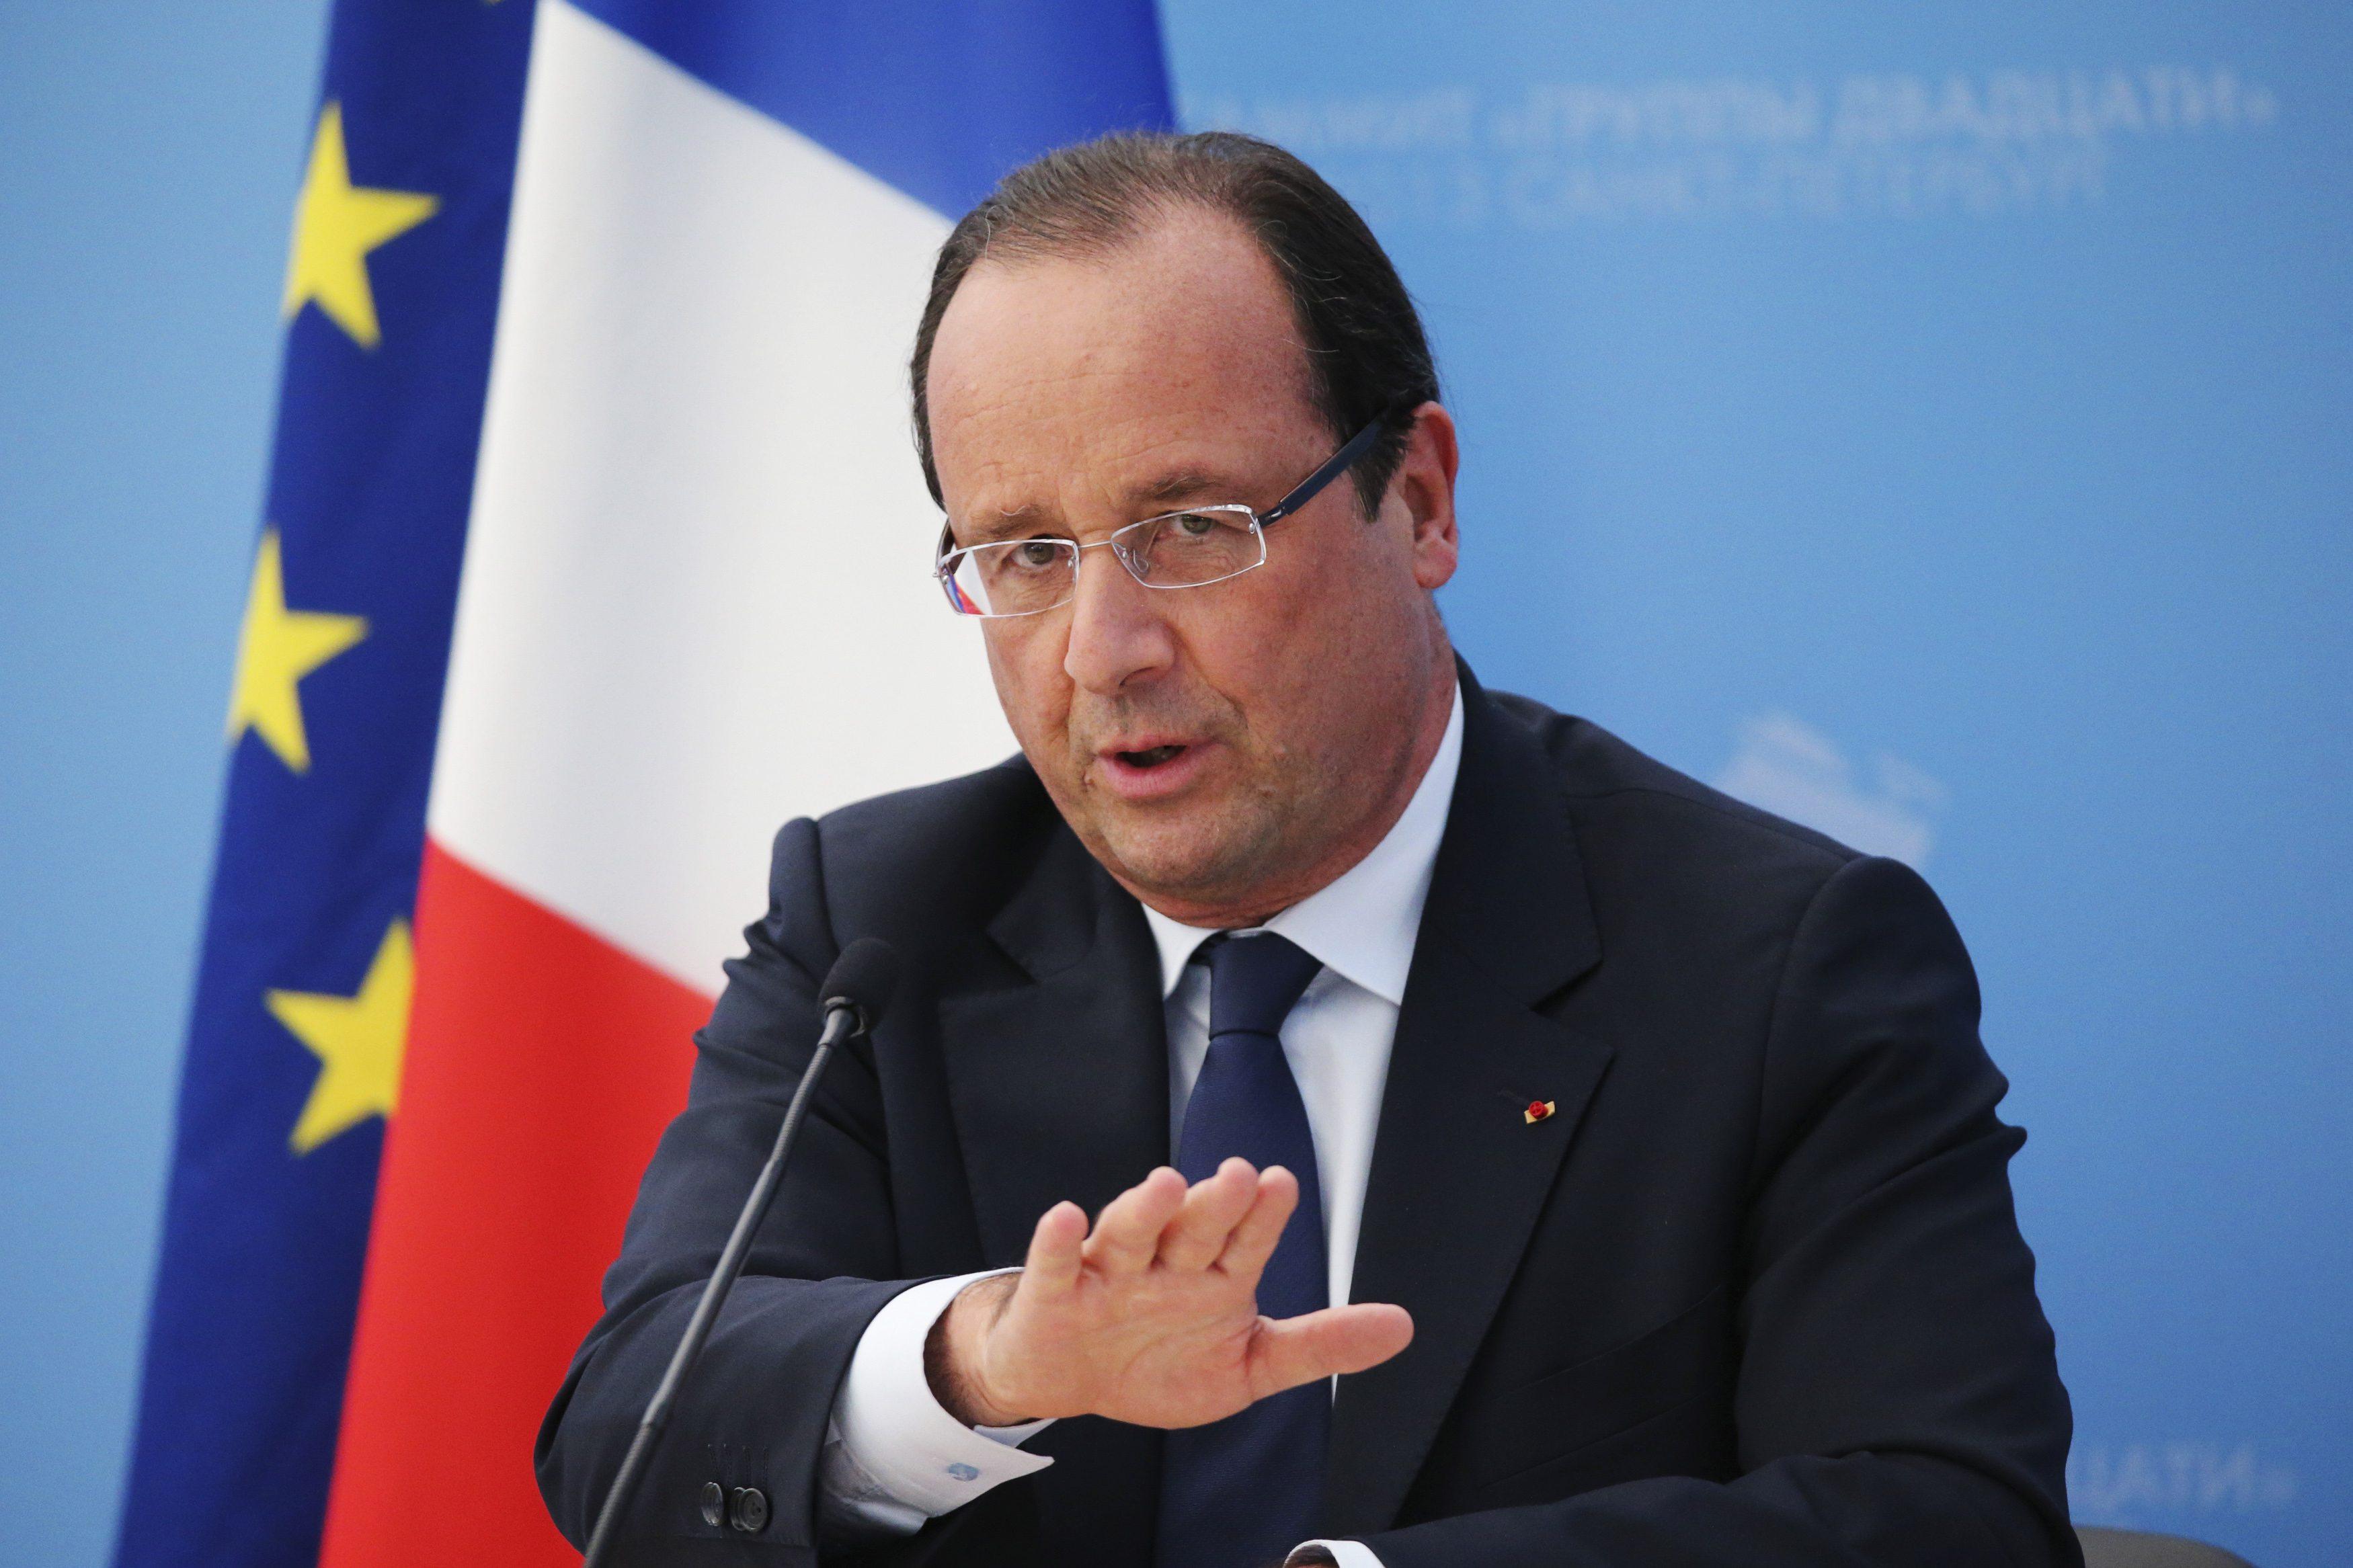 'Vize kalkacak' iddiasına Hollande'dan yanıt: Muafiyet için Türkiye'nin 72 kriterin yerine getirmesi gerekiyor